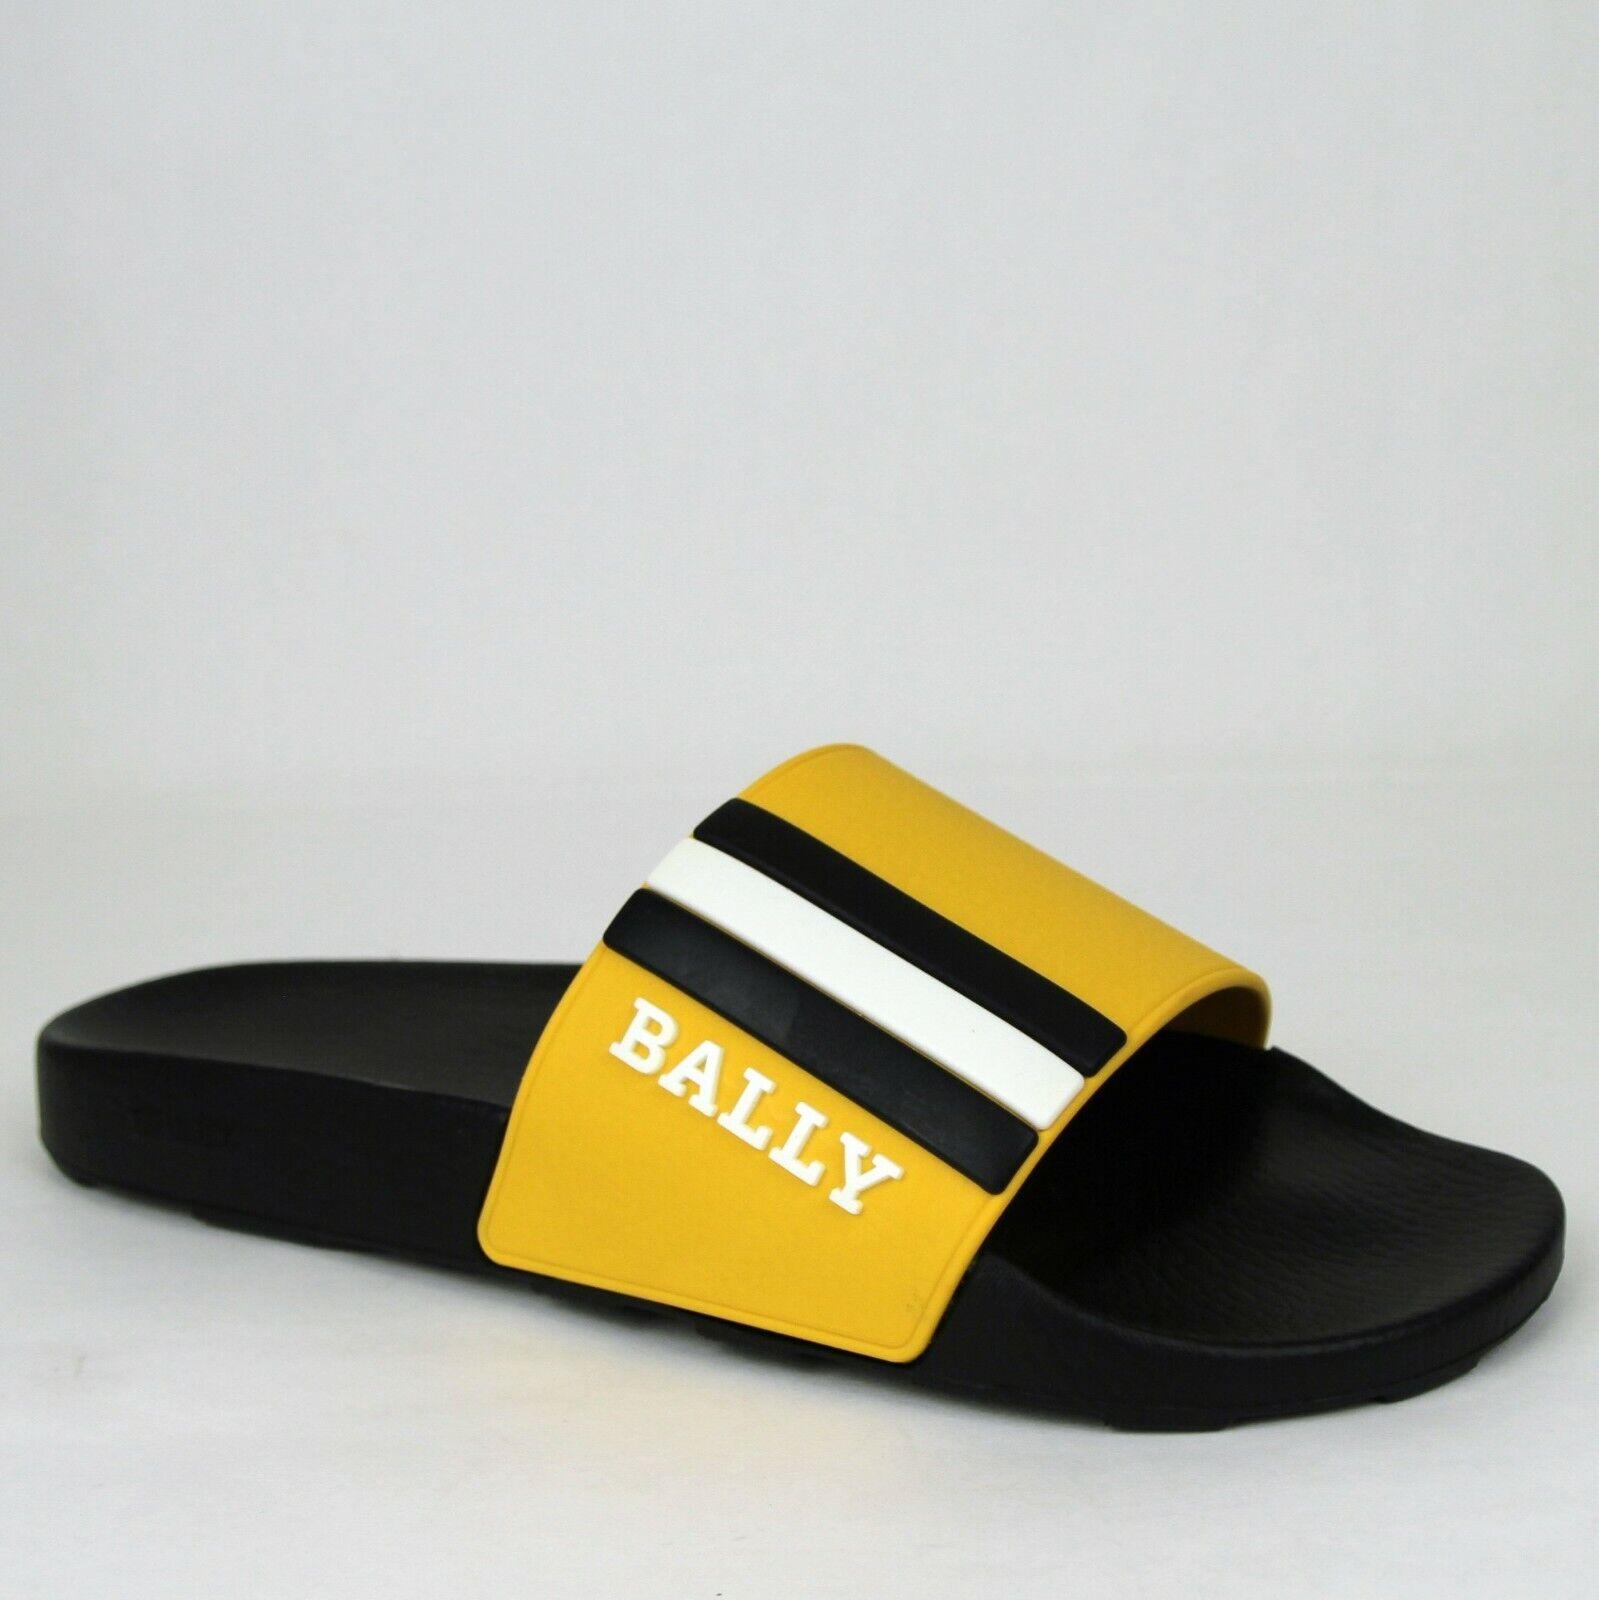 Nuevo Hombres De Goma Negro Amarillo Bally Zapatillas Con Logo 9D Saxor-39